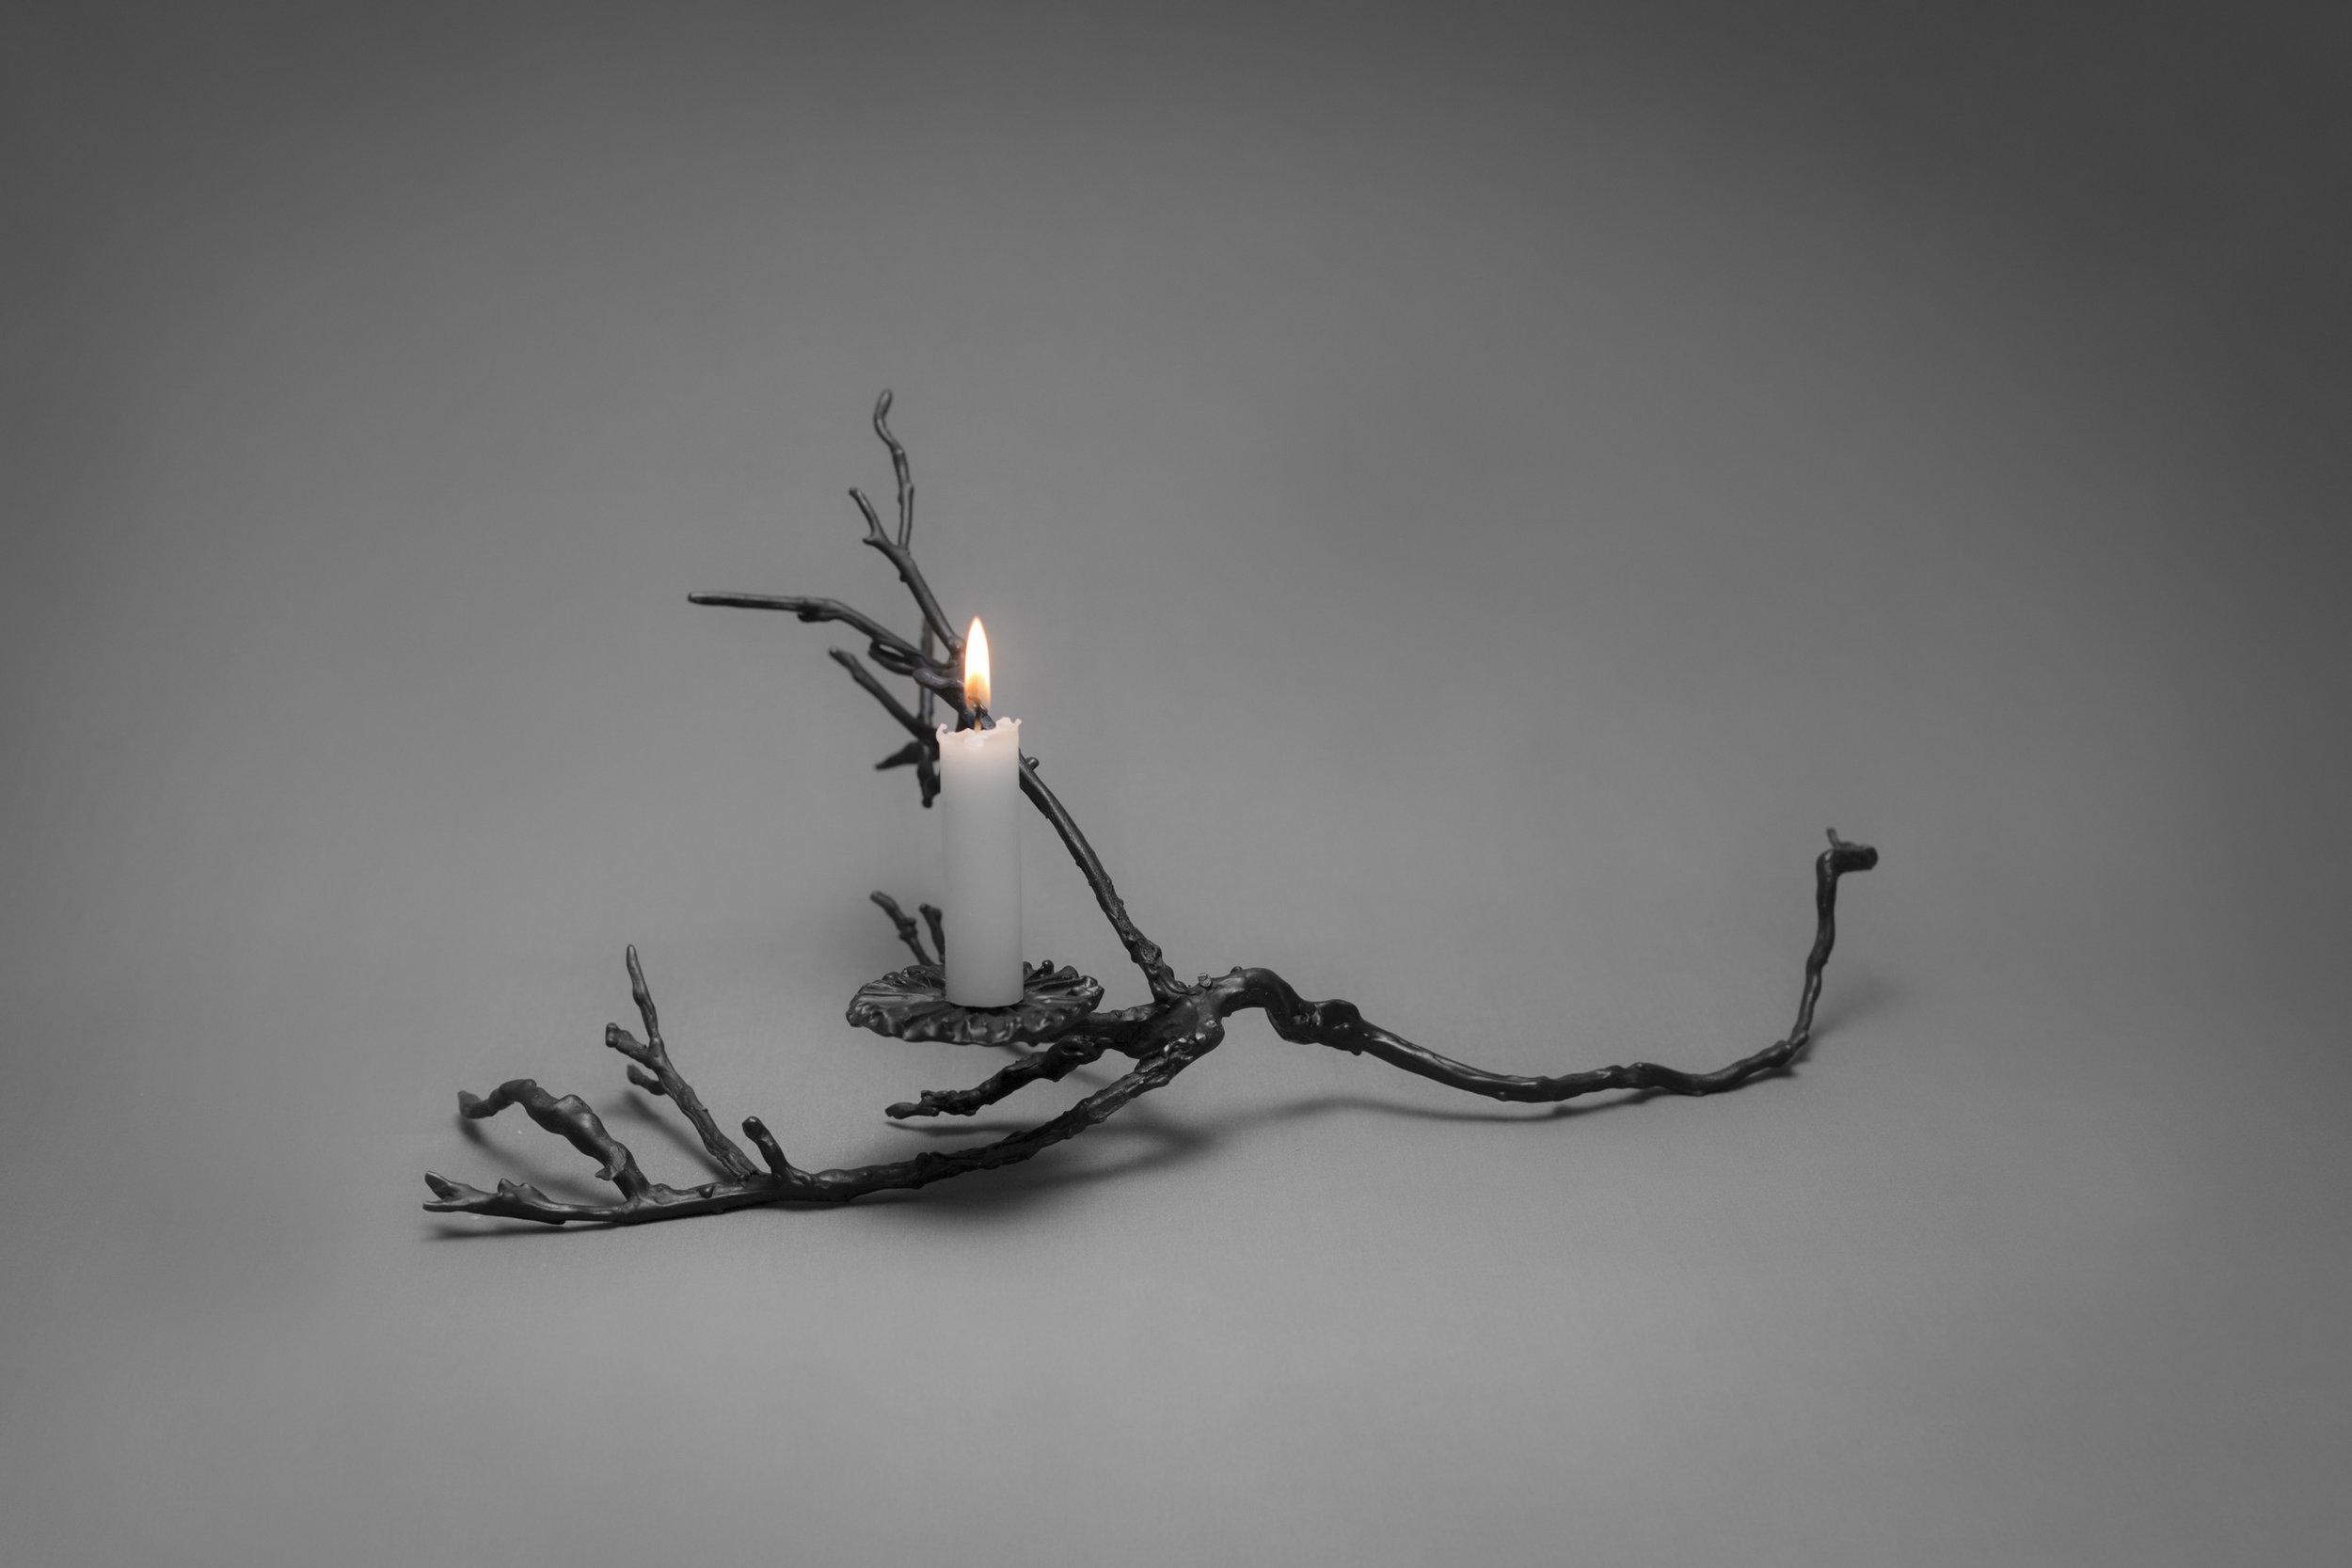 10. MOD Sparks 53 - MO17-32.jpg